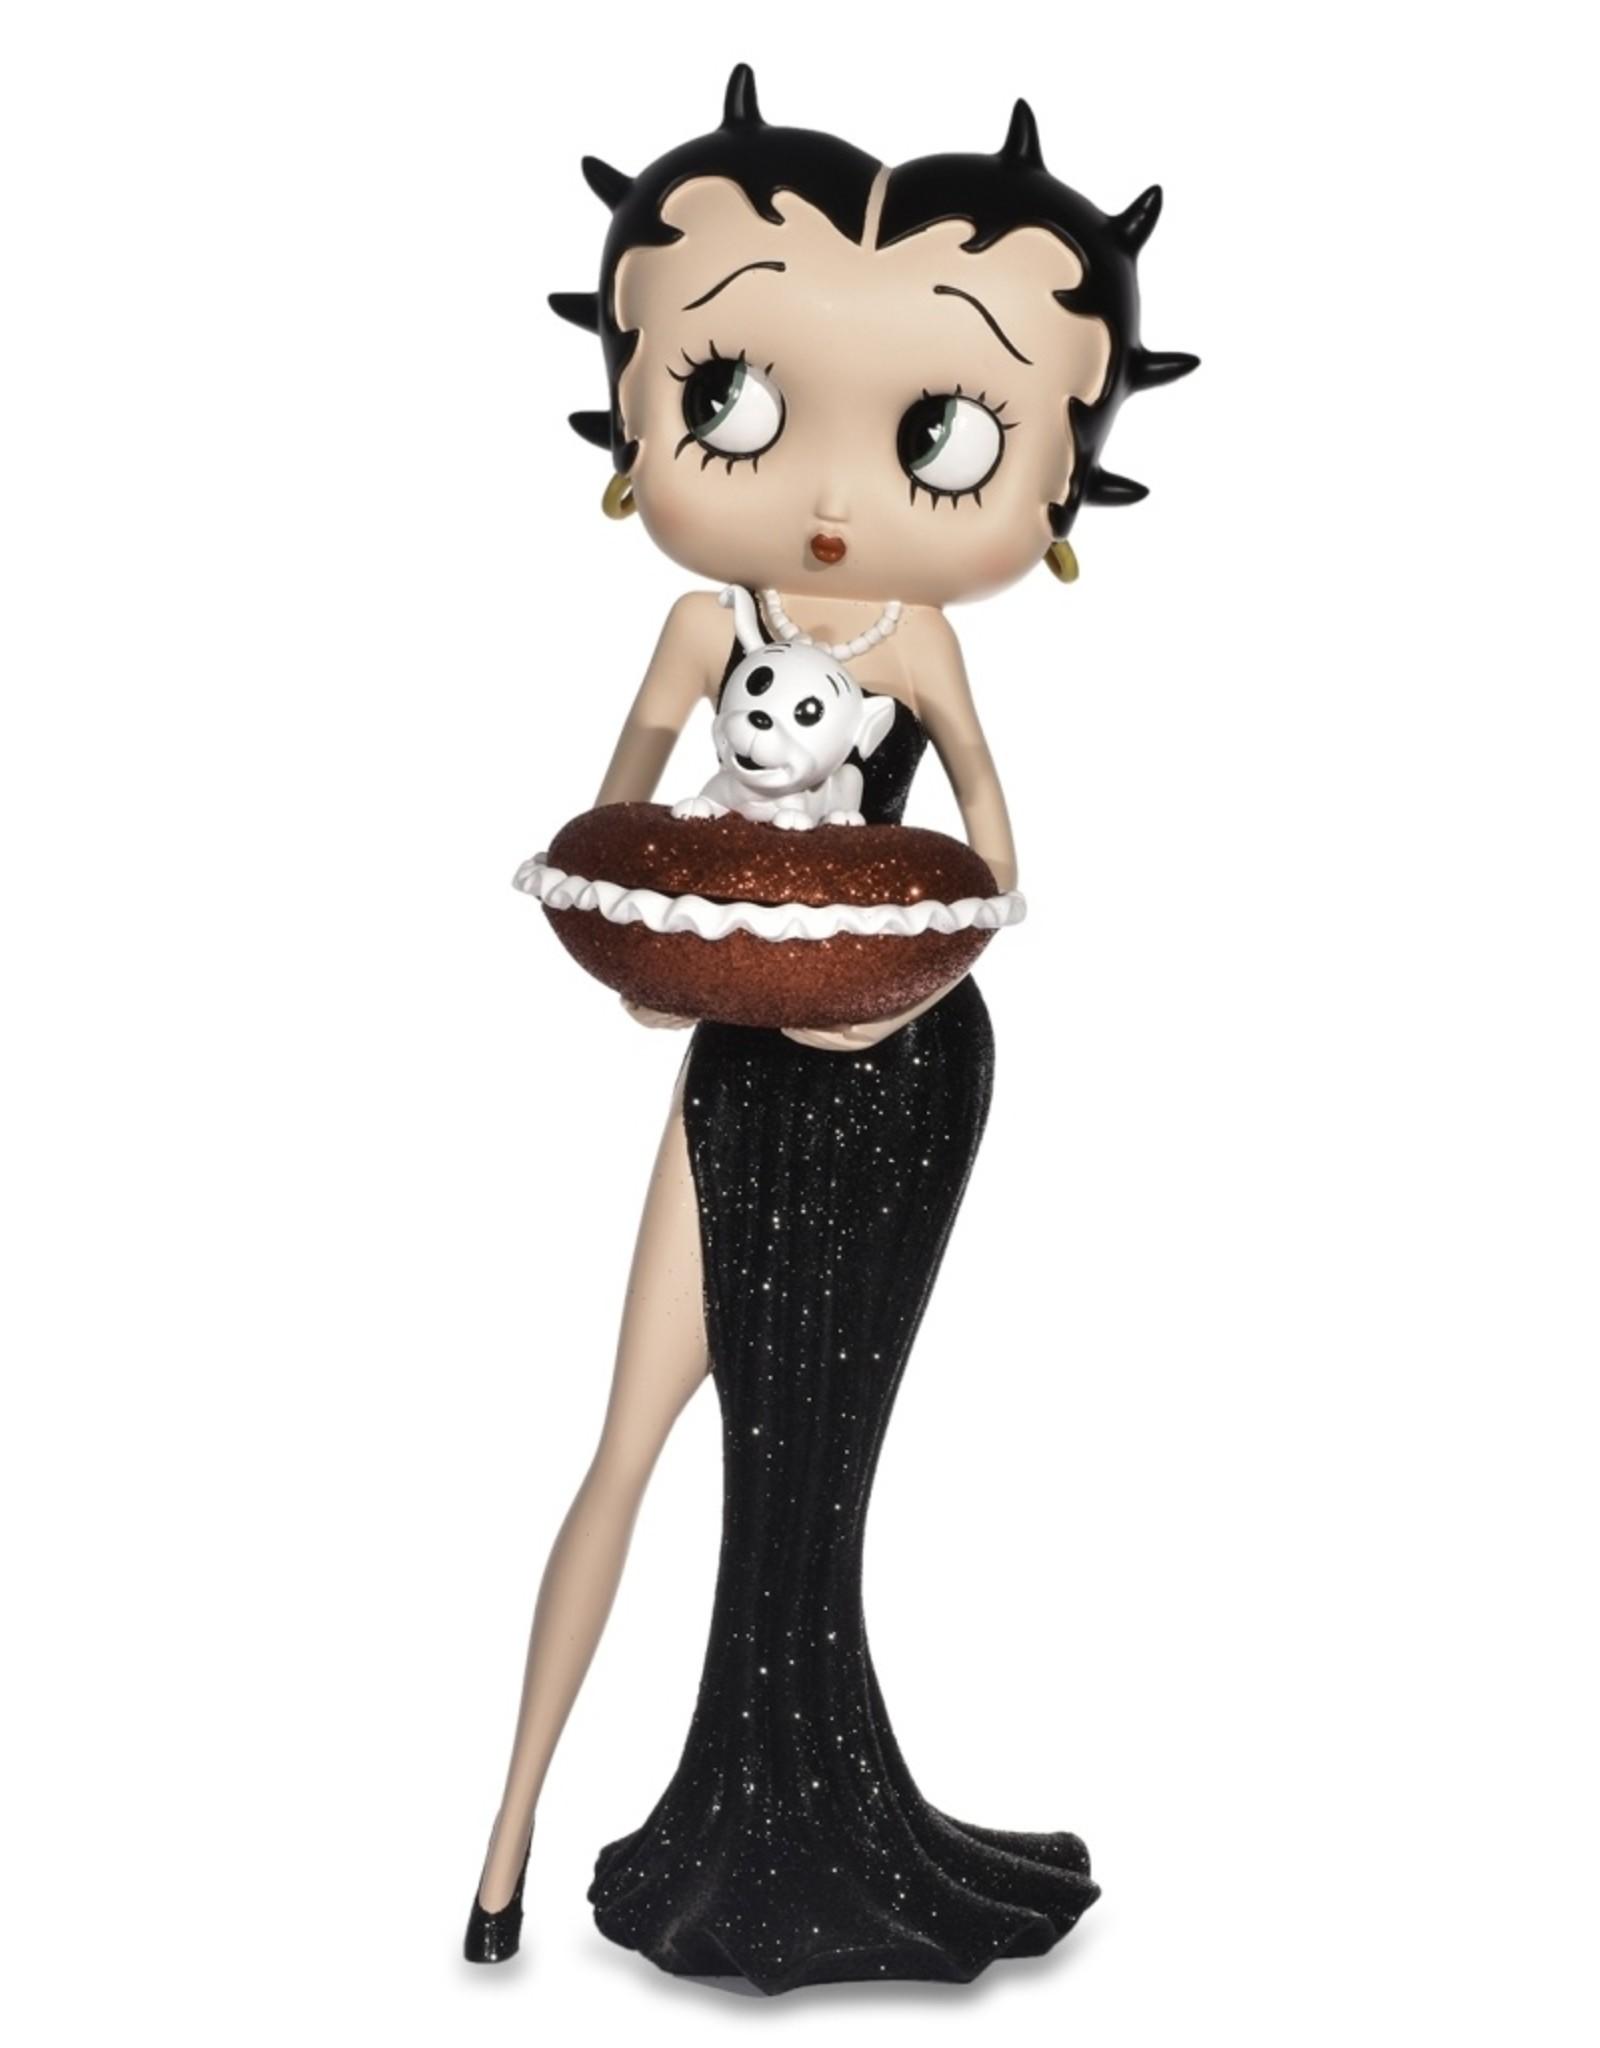 Betty Boop Betty Boop Collectables - Betty Boop met Rood Glitter Kussen doosje